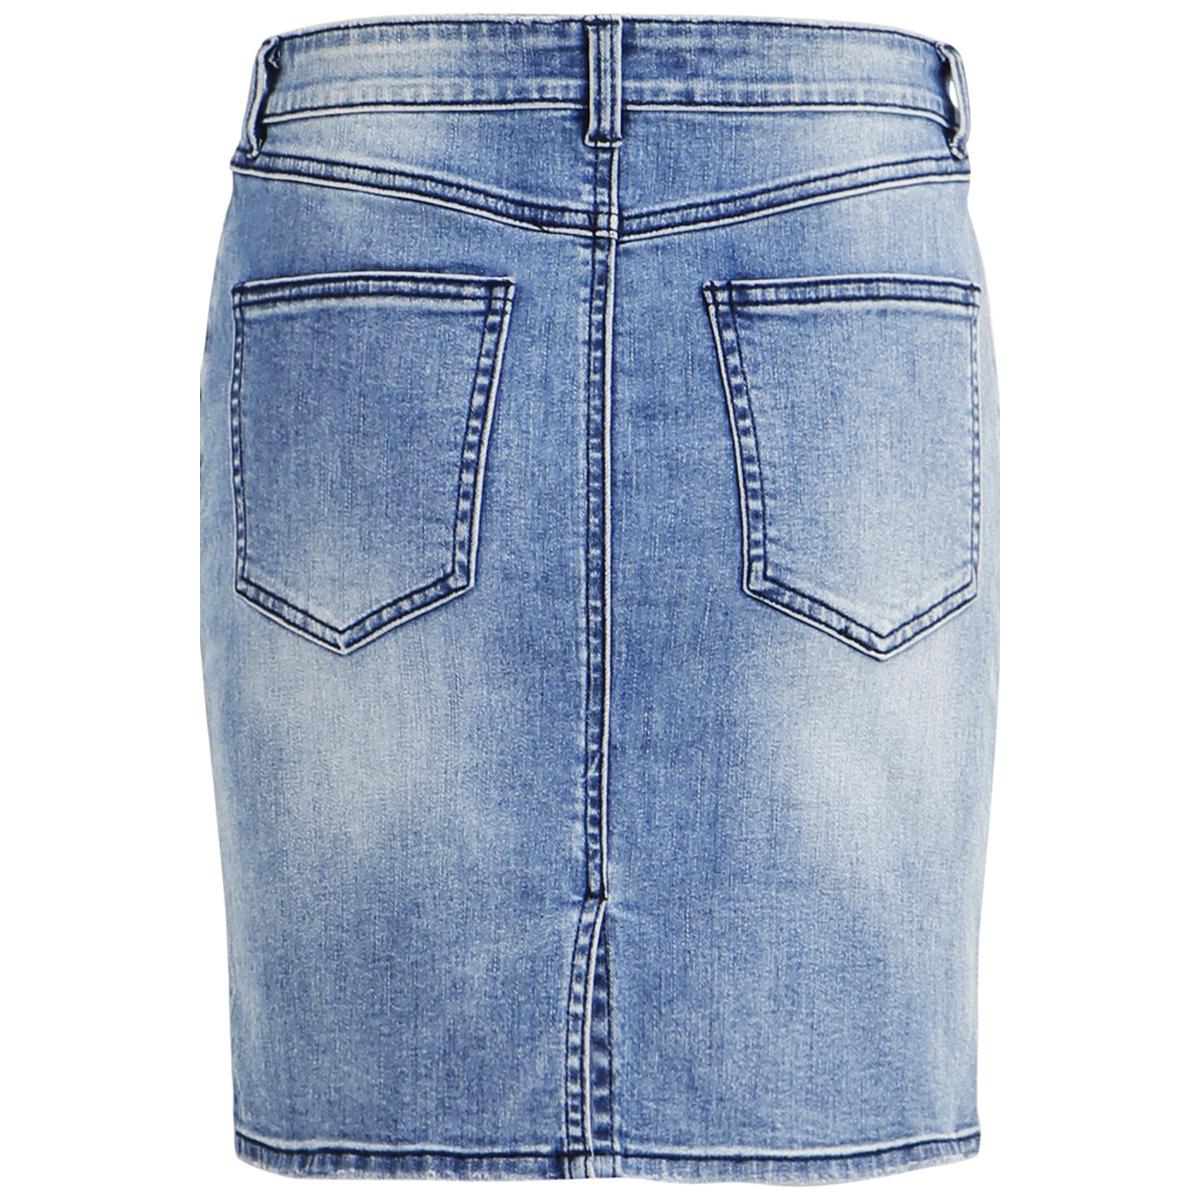 objwin new denim skirt noos 23028503 object rok medium blue denim